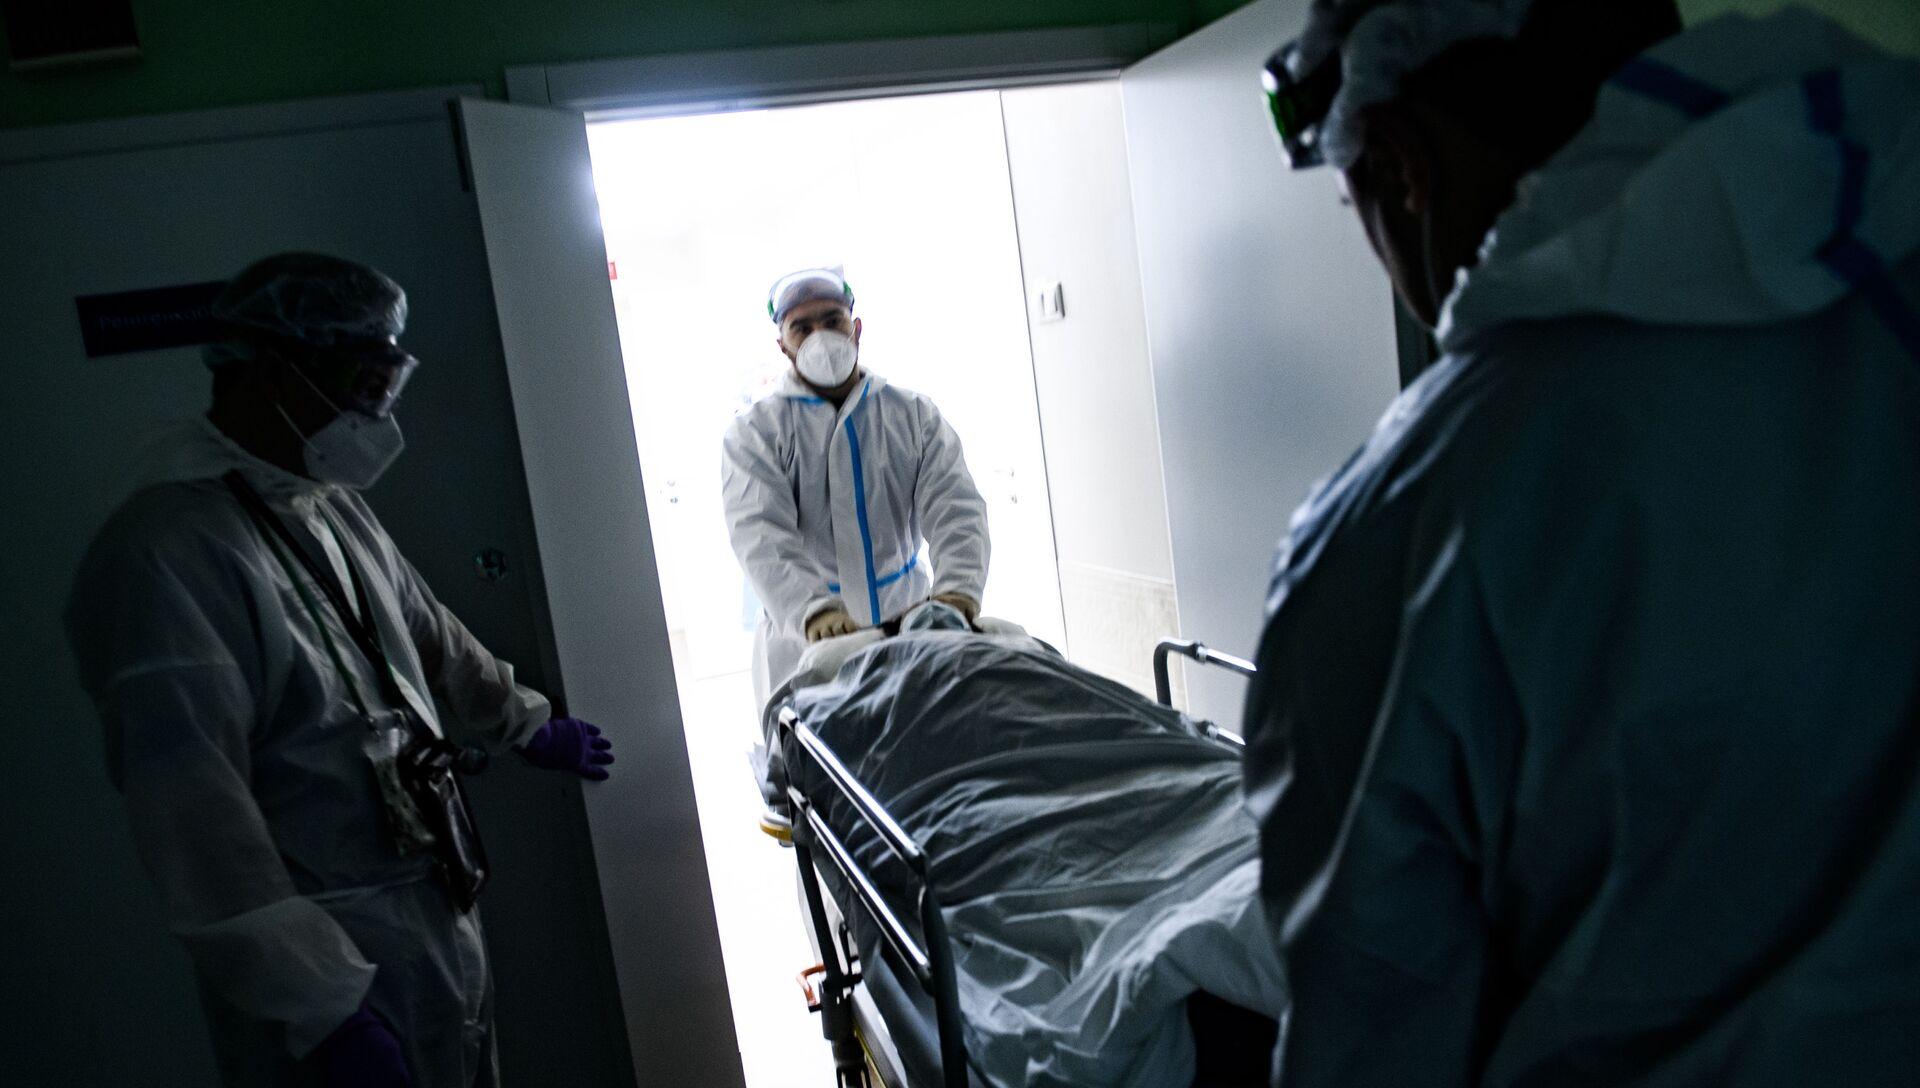 Медицинские работники оказывают помощь пациенту с COVID-19 - РИА Новости, 1920, 07.11.2020